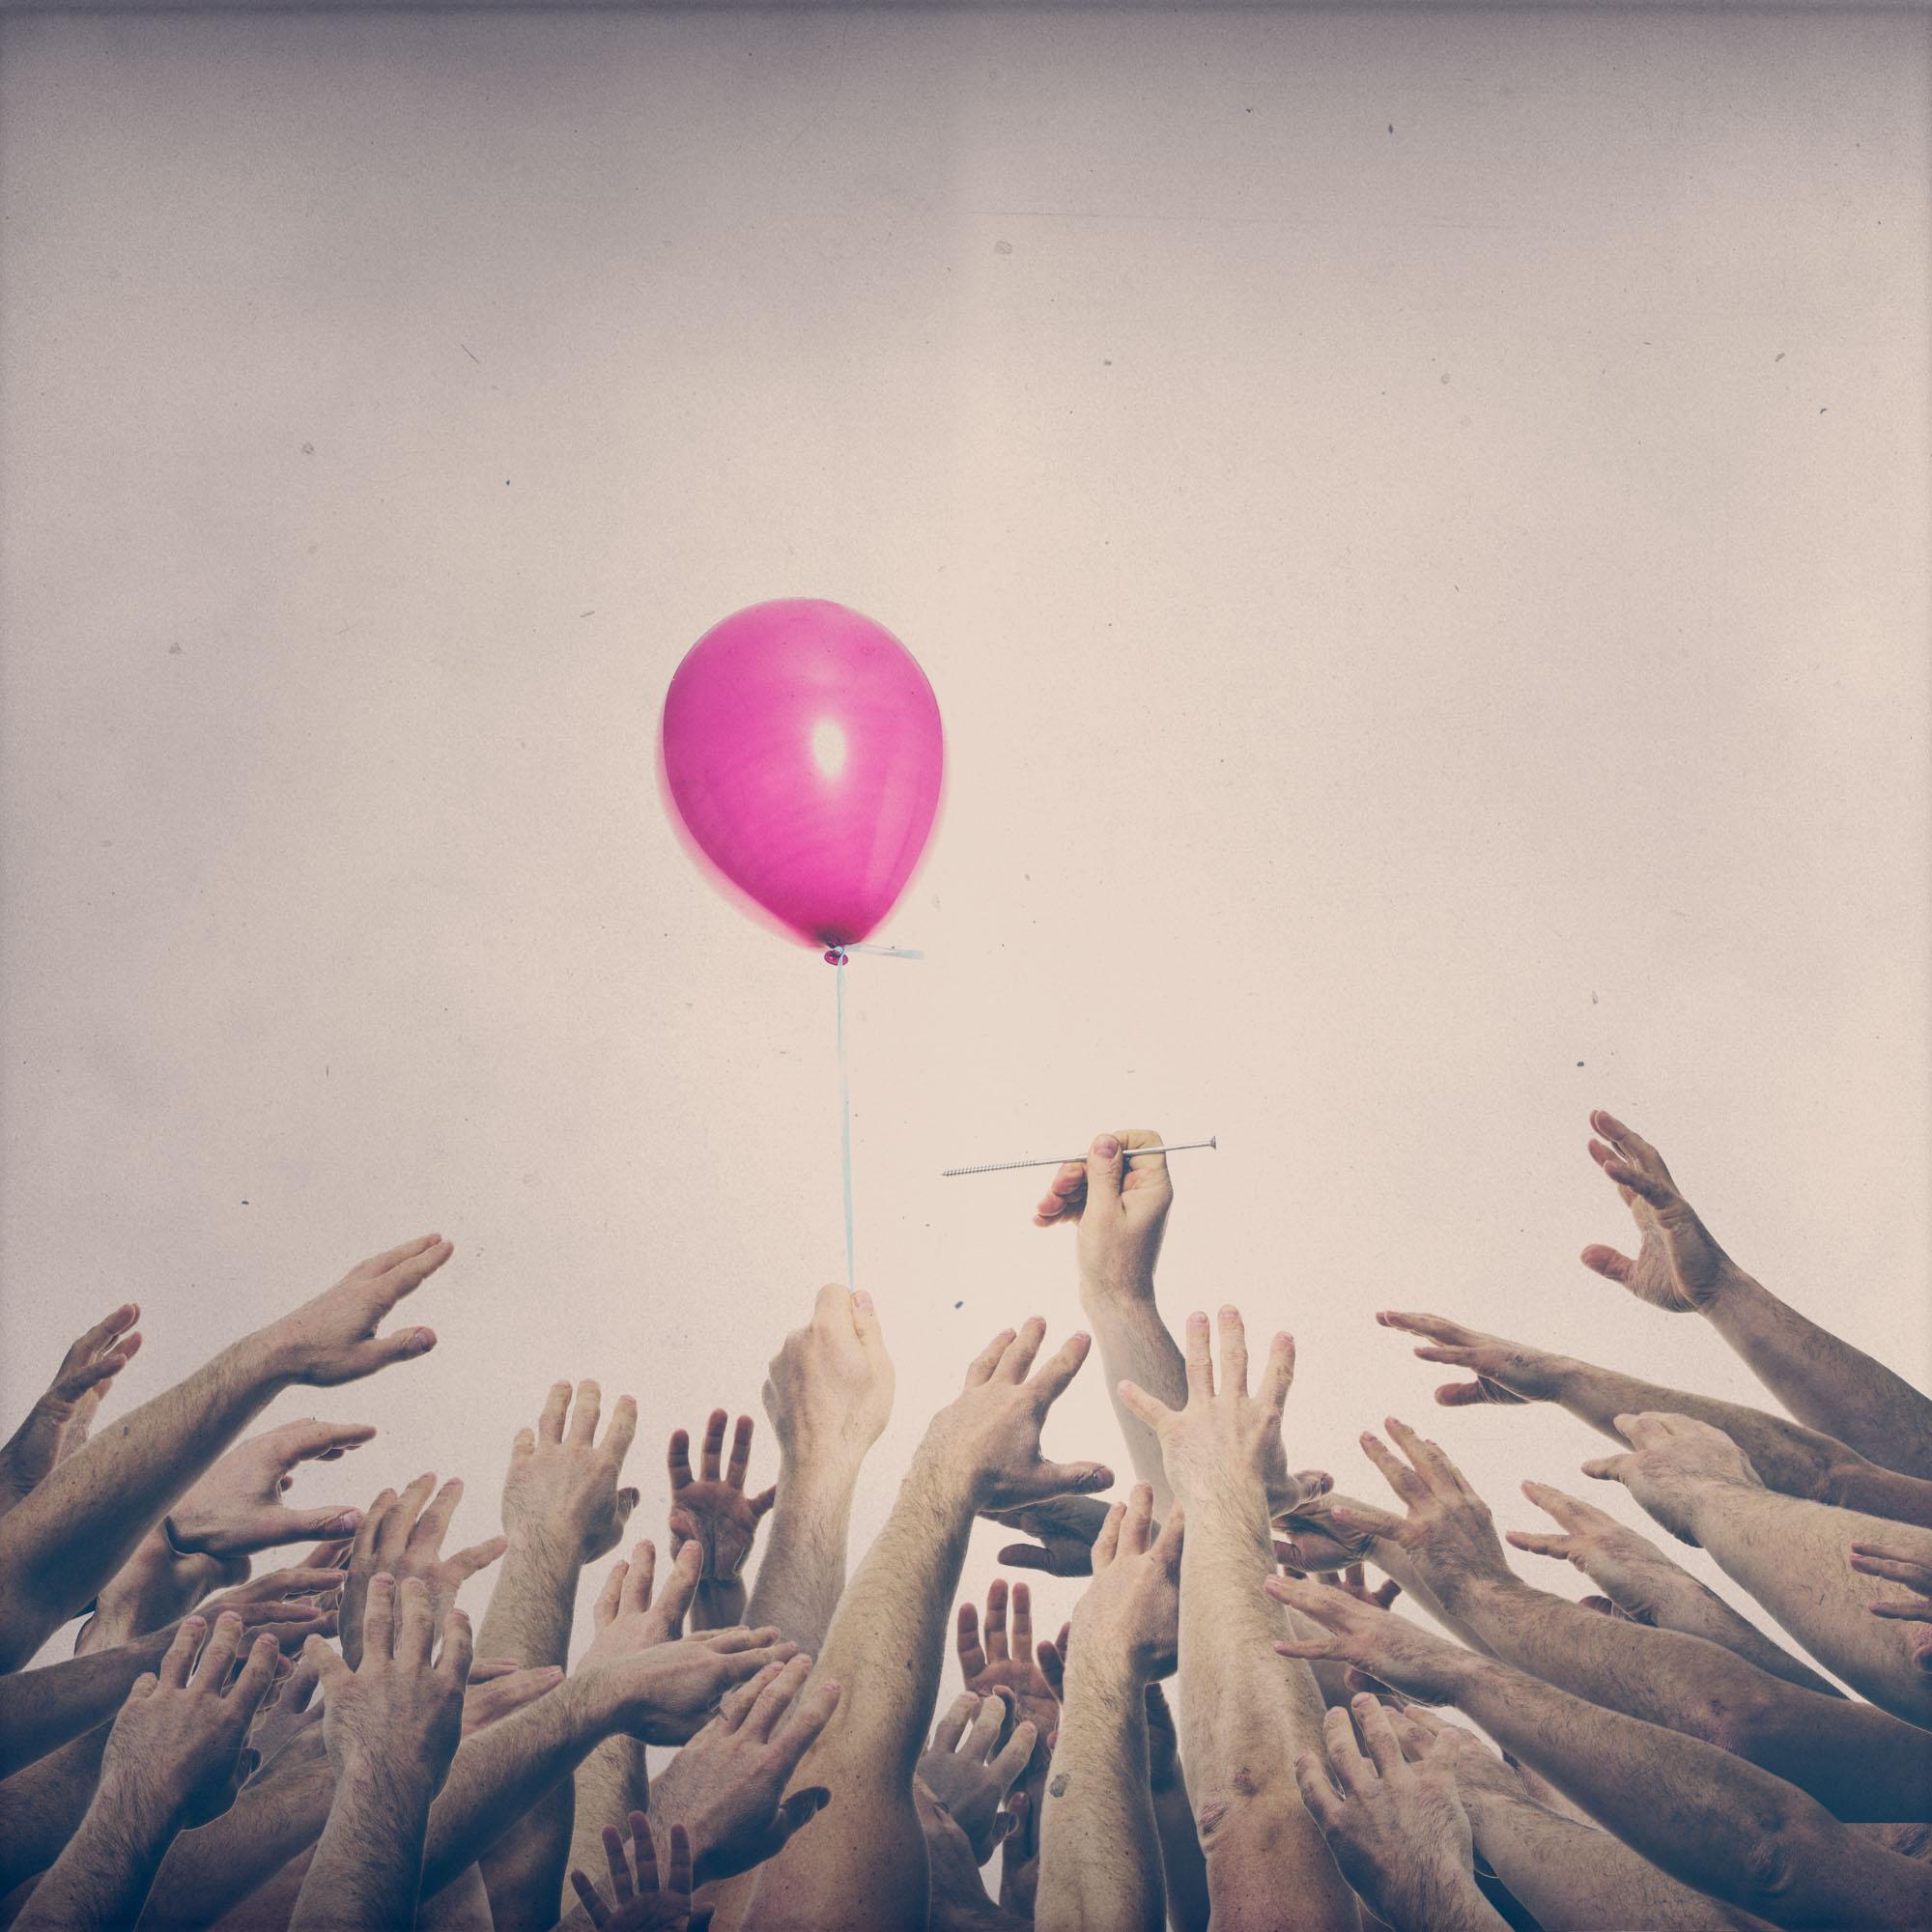 Das Bild des Fotografen Fritz Philipp aus Frankfurt mit den Thema Flüchtlingskrise zeigt viele Hände die alle nach einem Luftballon greifen